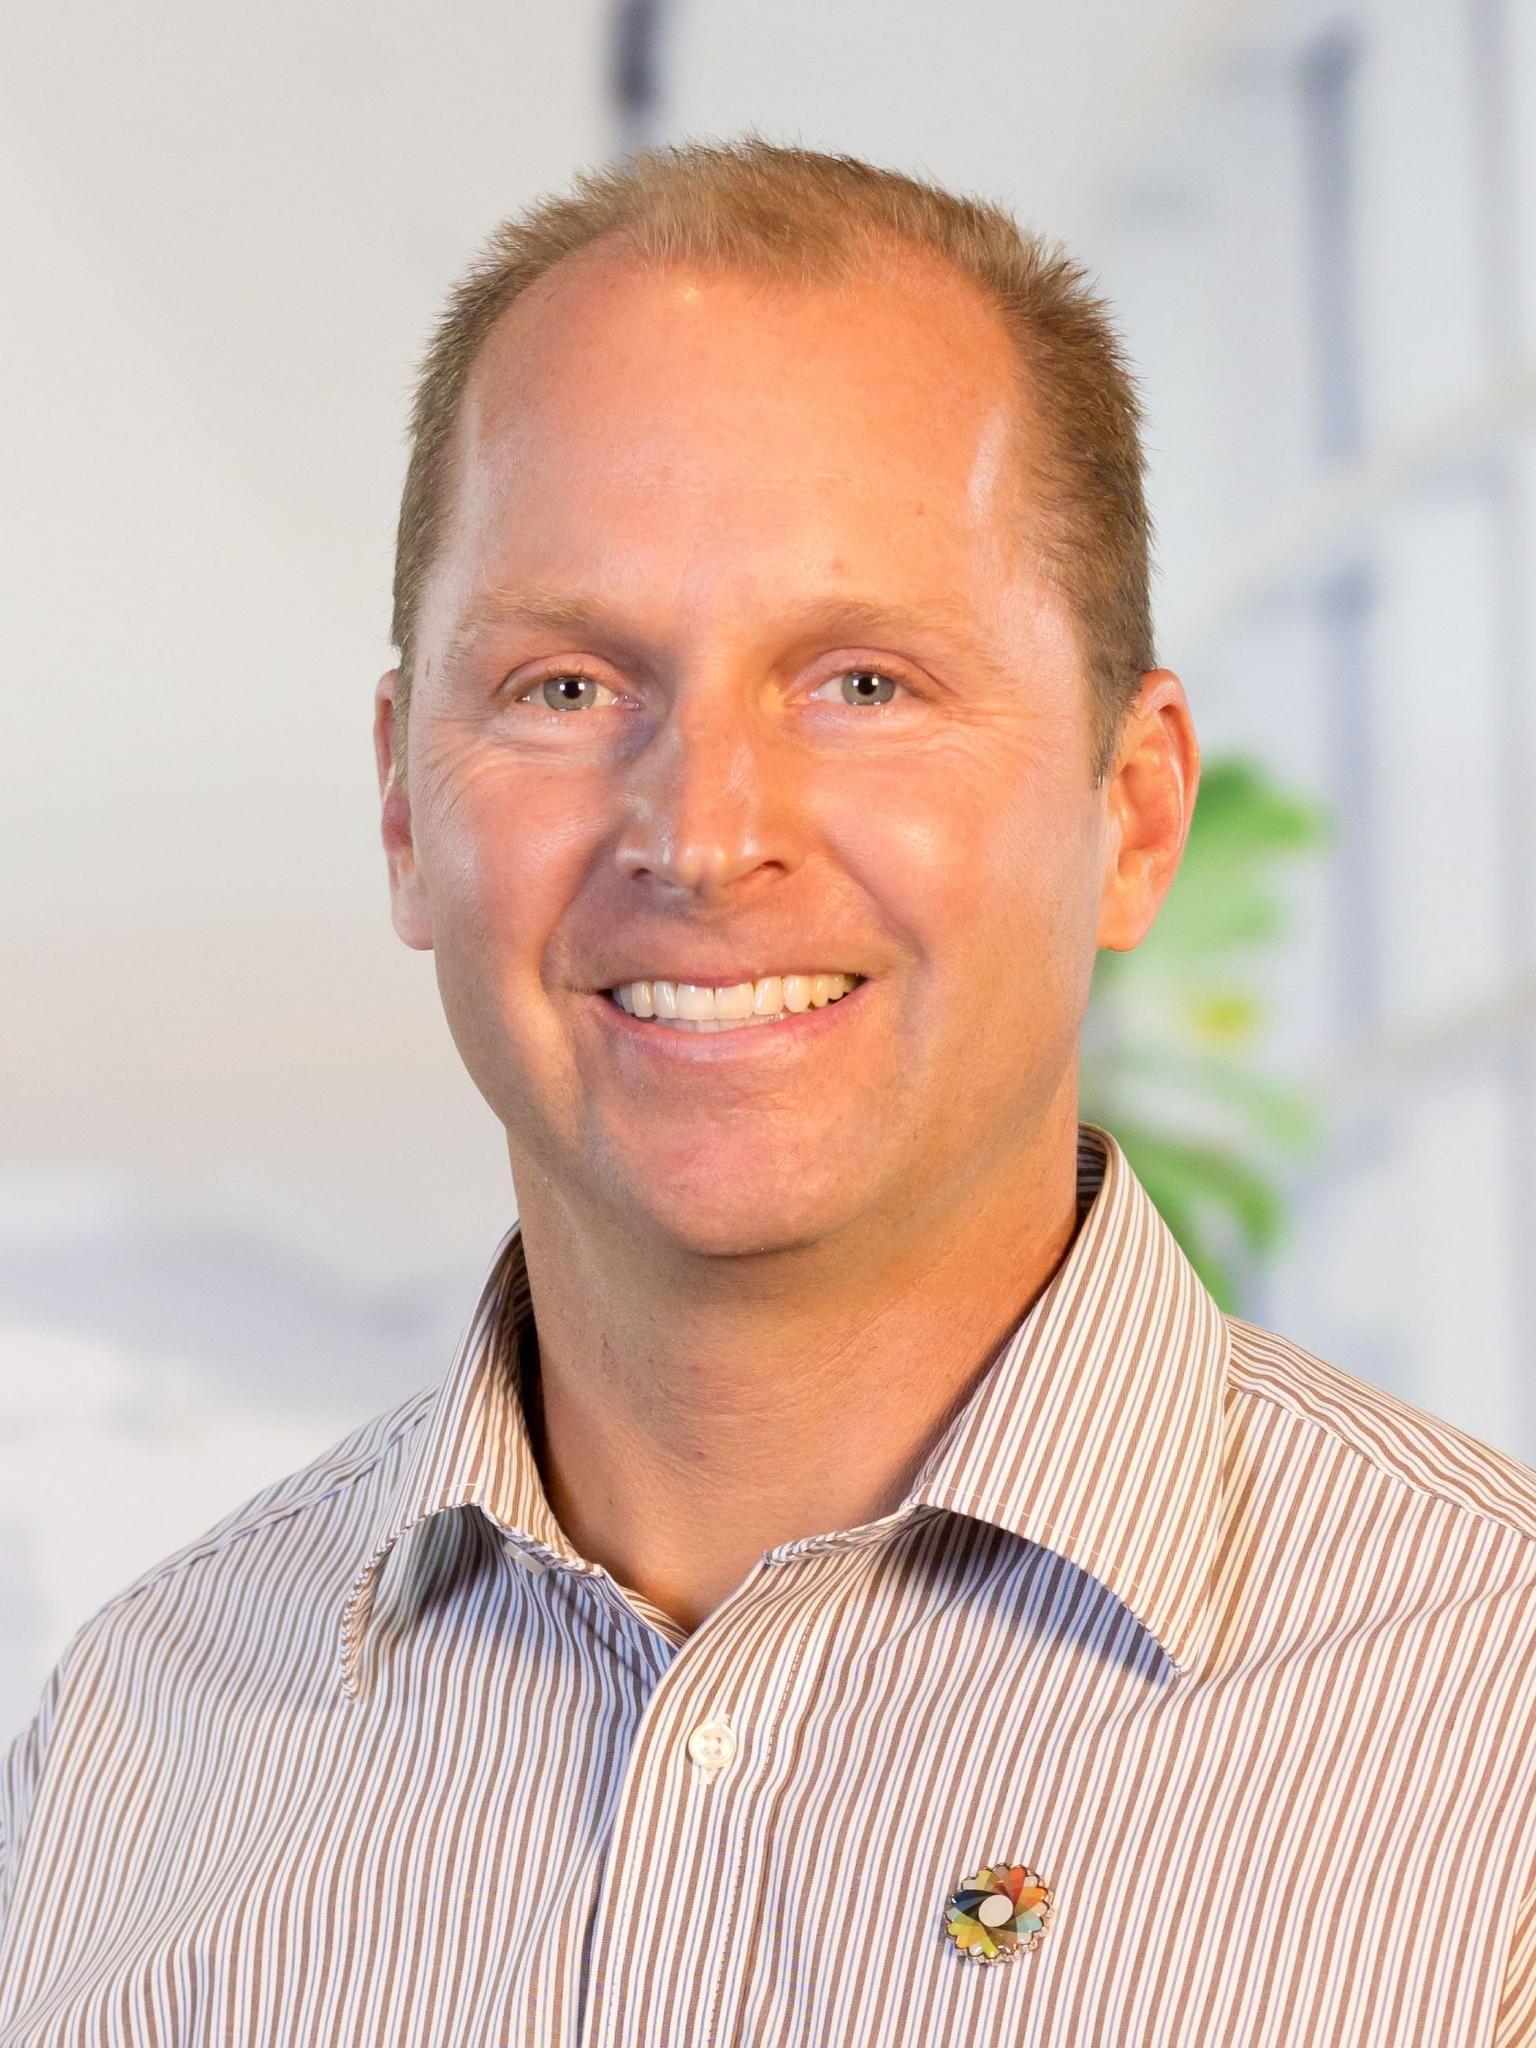 Scott Crawford, CEM